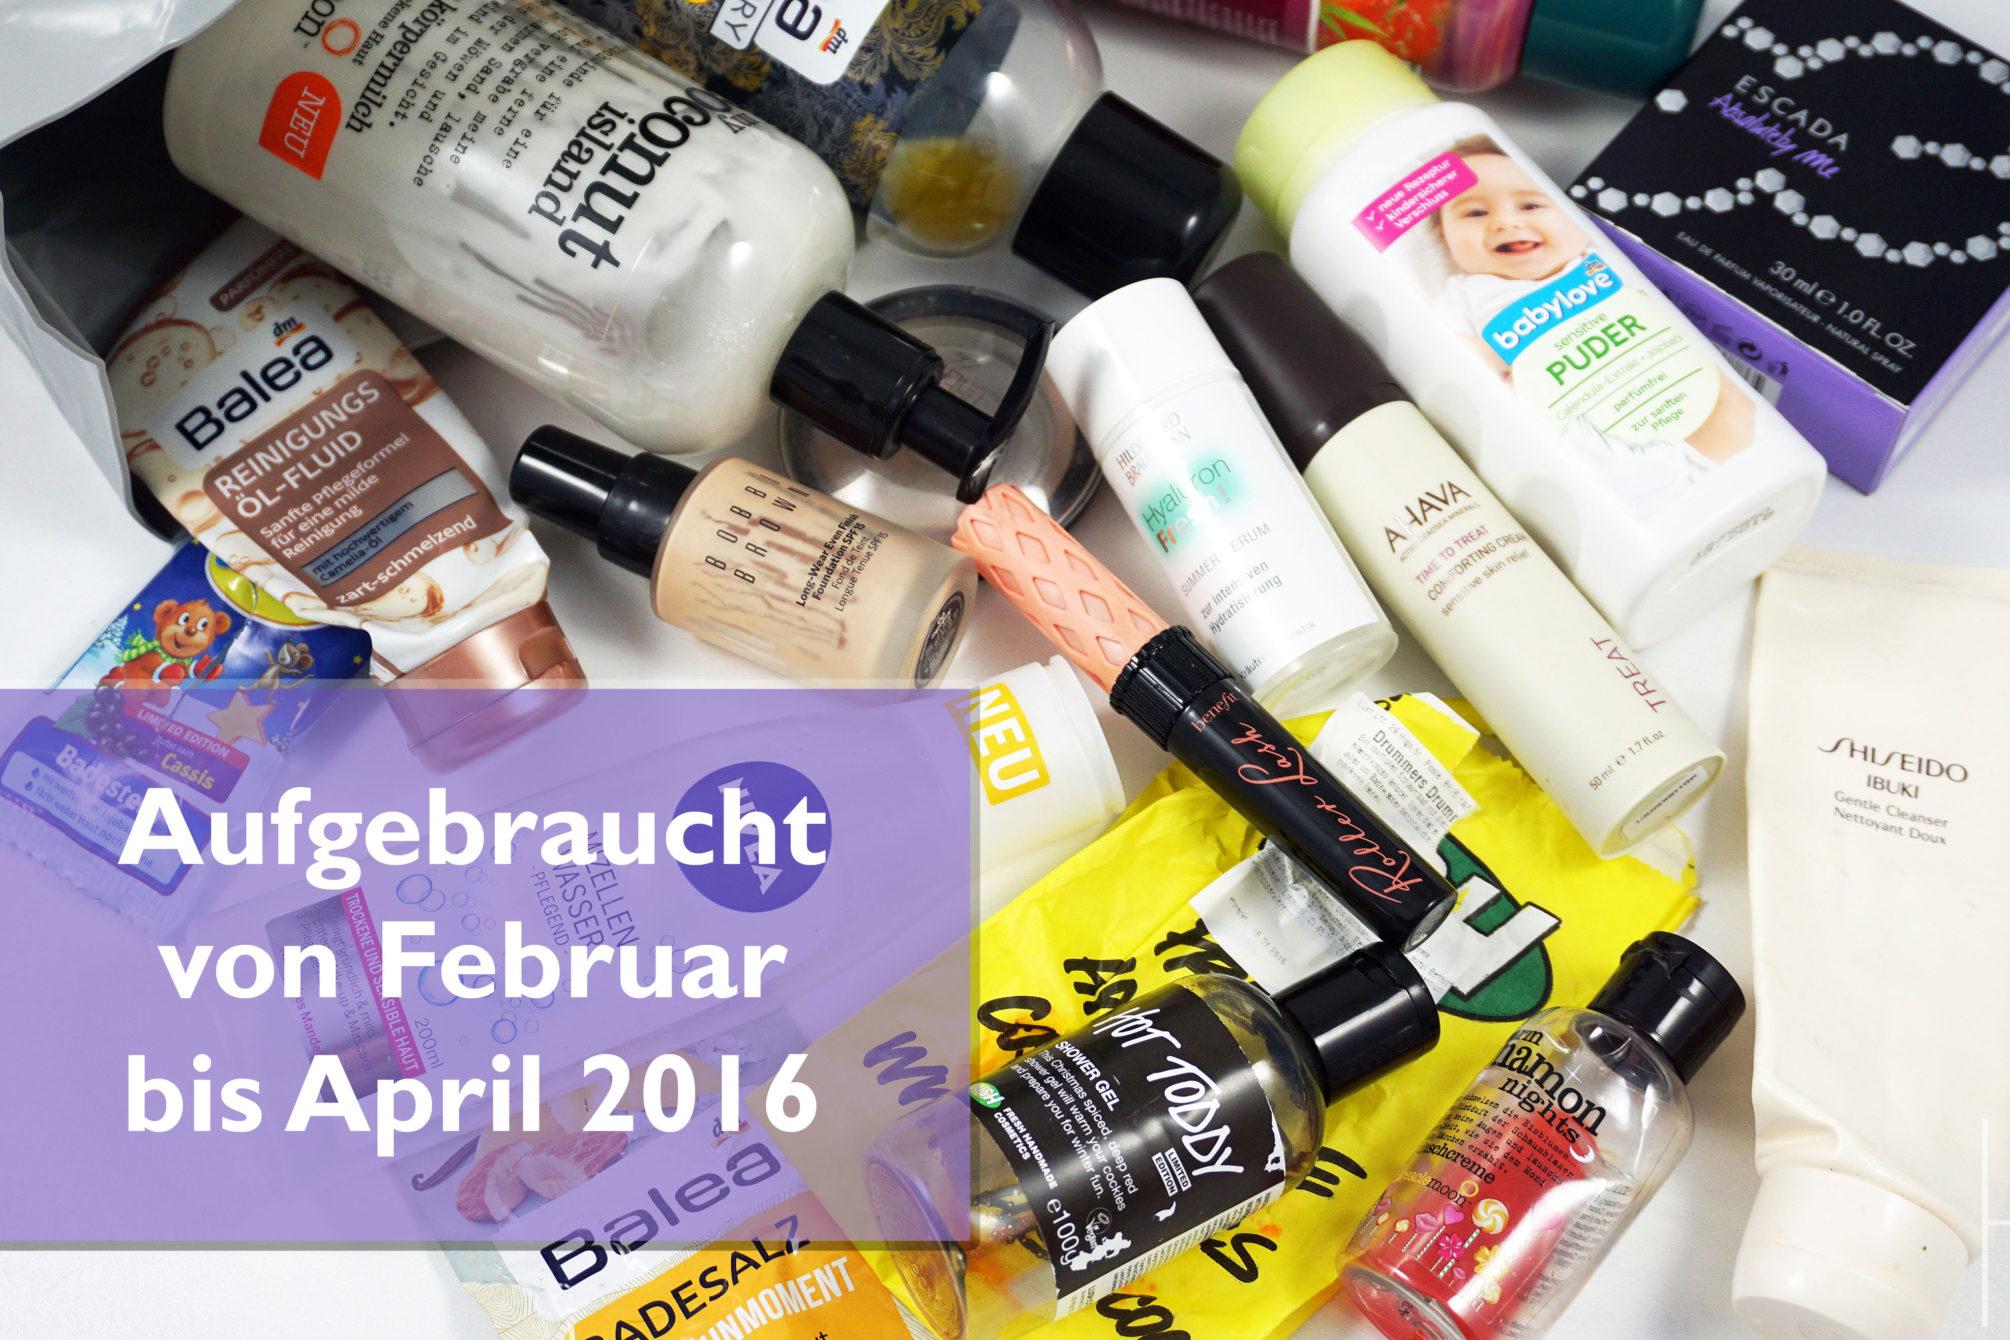 Empties/Augebraucht von Februar bis April 2016